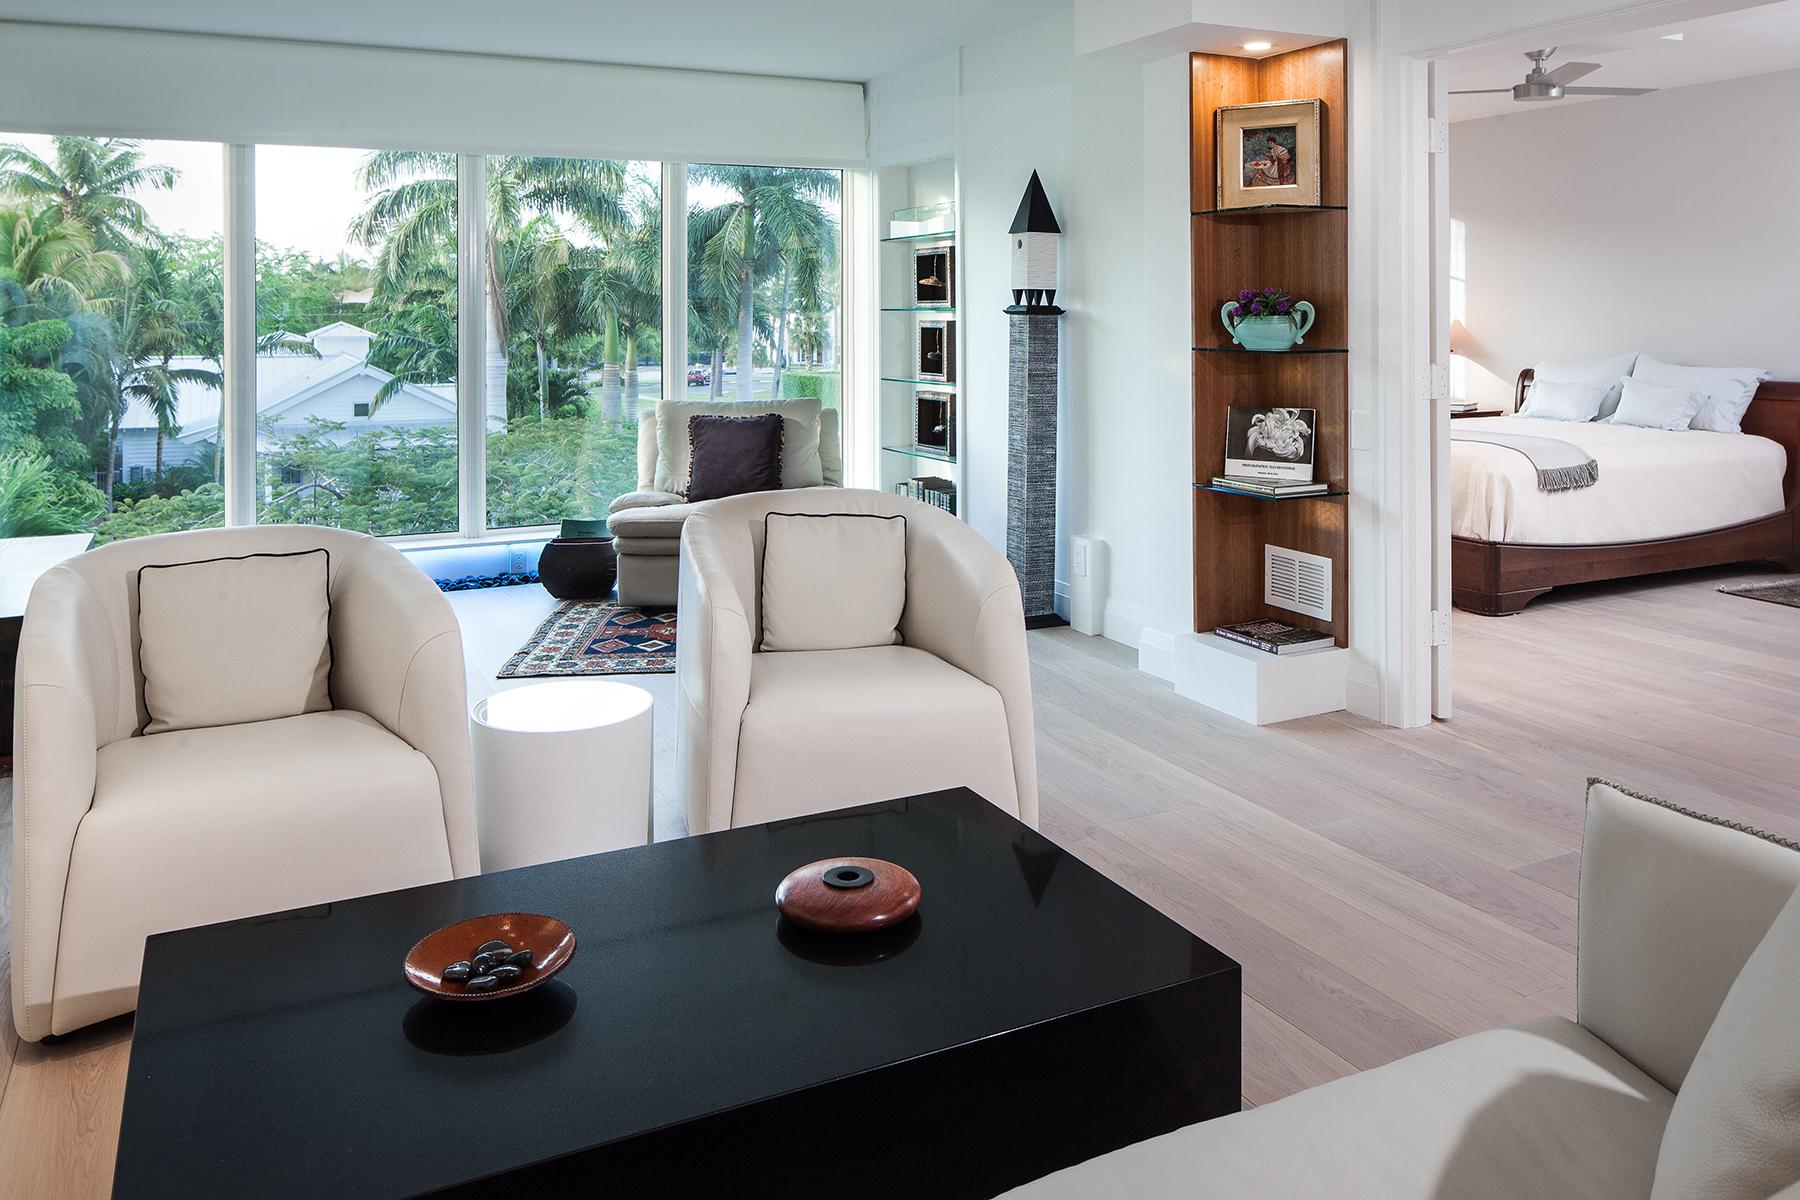 Кооперативная квартира для того Продажа на OLDE NAPLES - WARWICK 280 2nd Ave S 301 Naples, Флорида, 34102 Соединенные Штаты